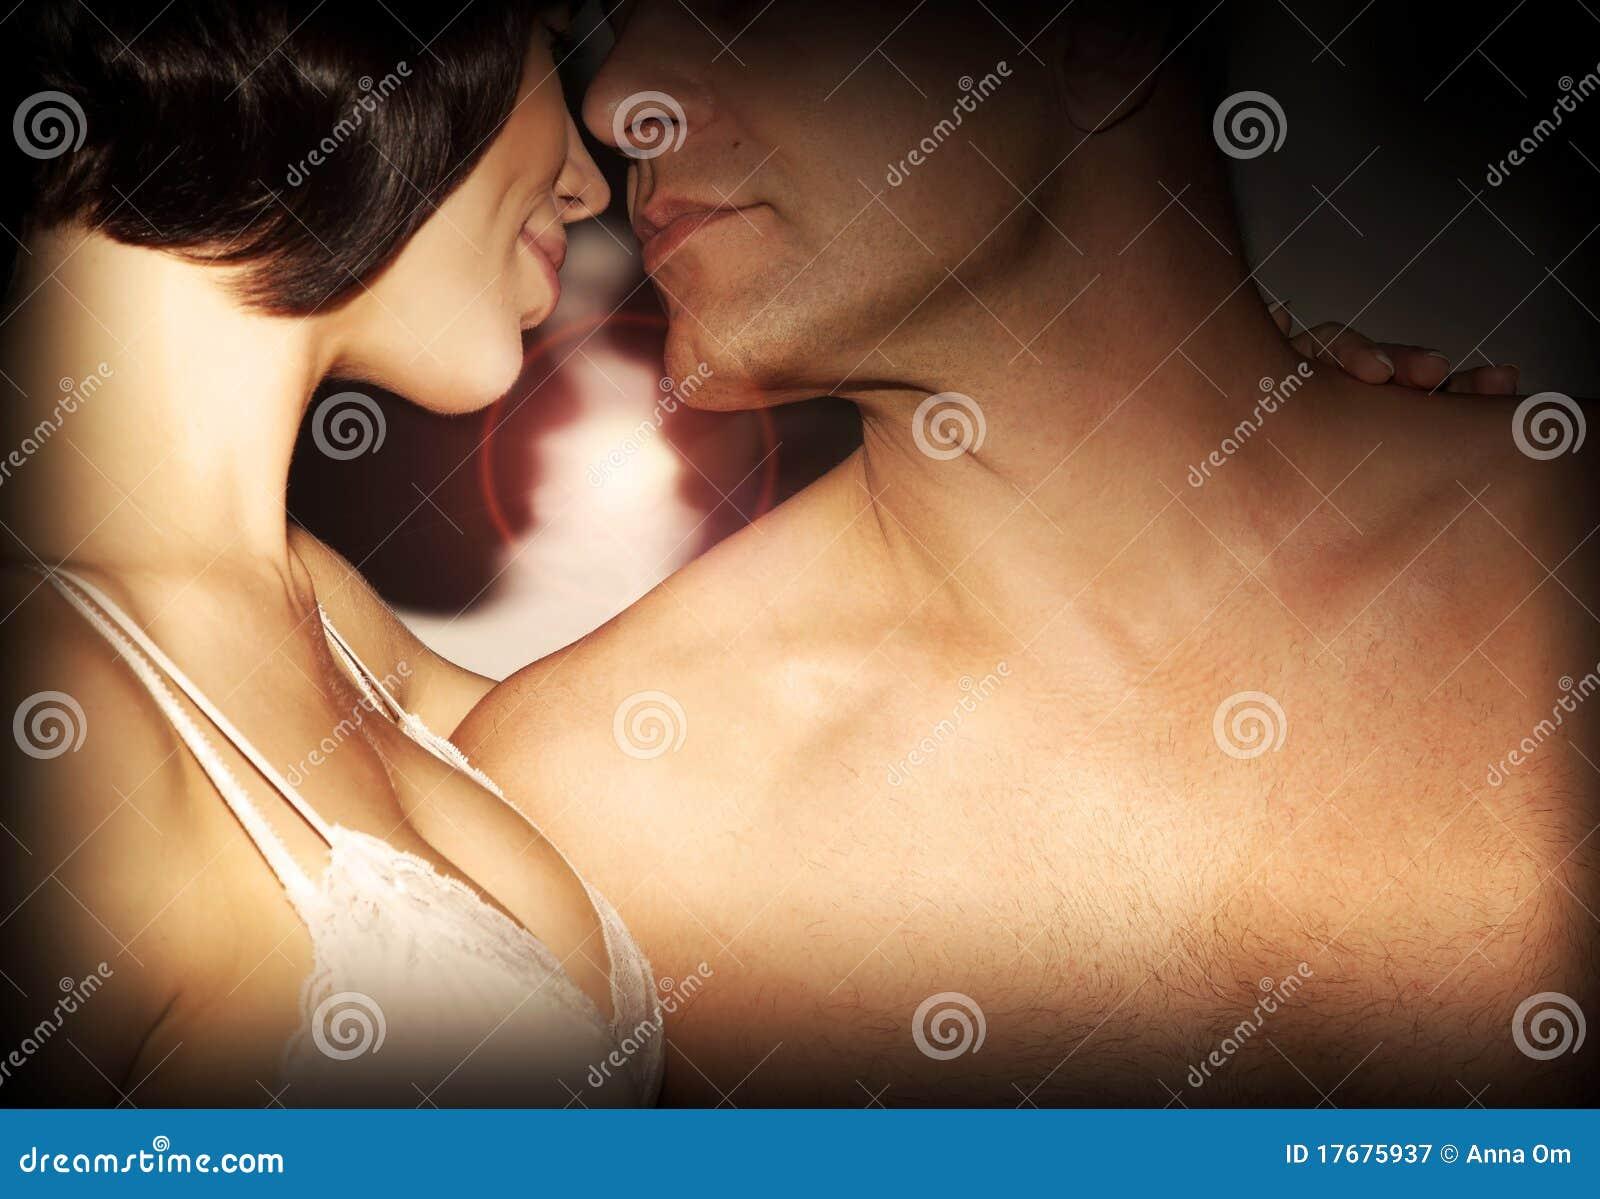 Секс интим фото рассказы, Порно рассказы читать эротику Amateur Girls 18 22 фотография